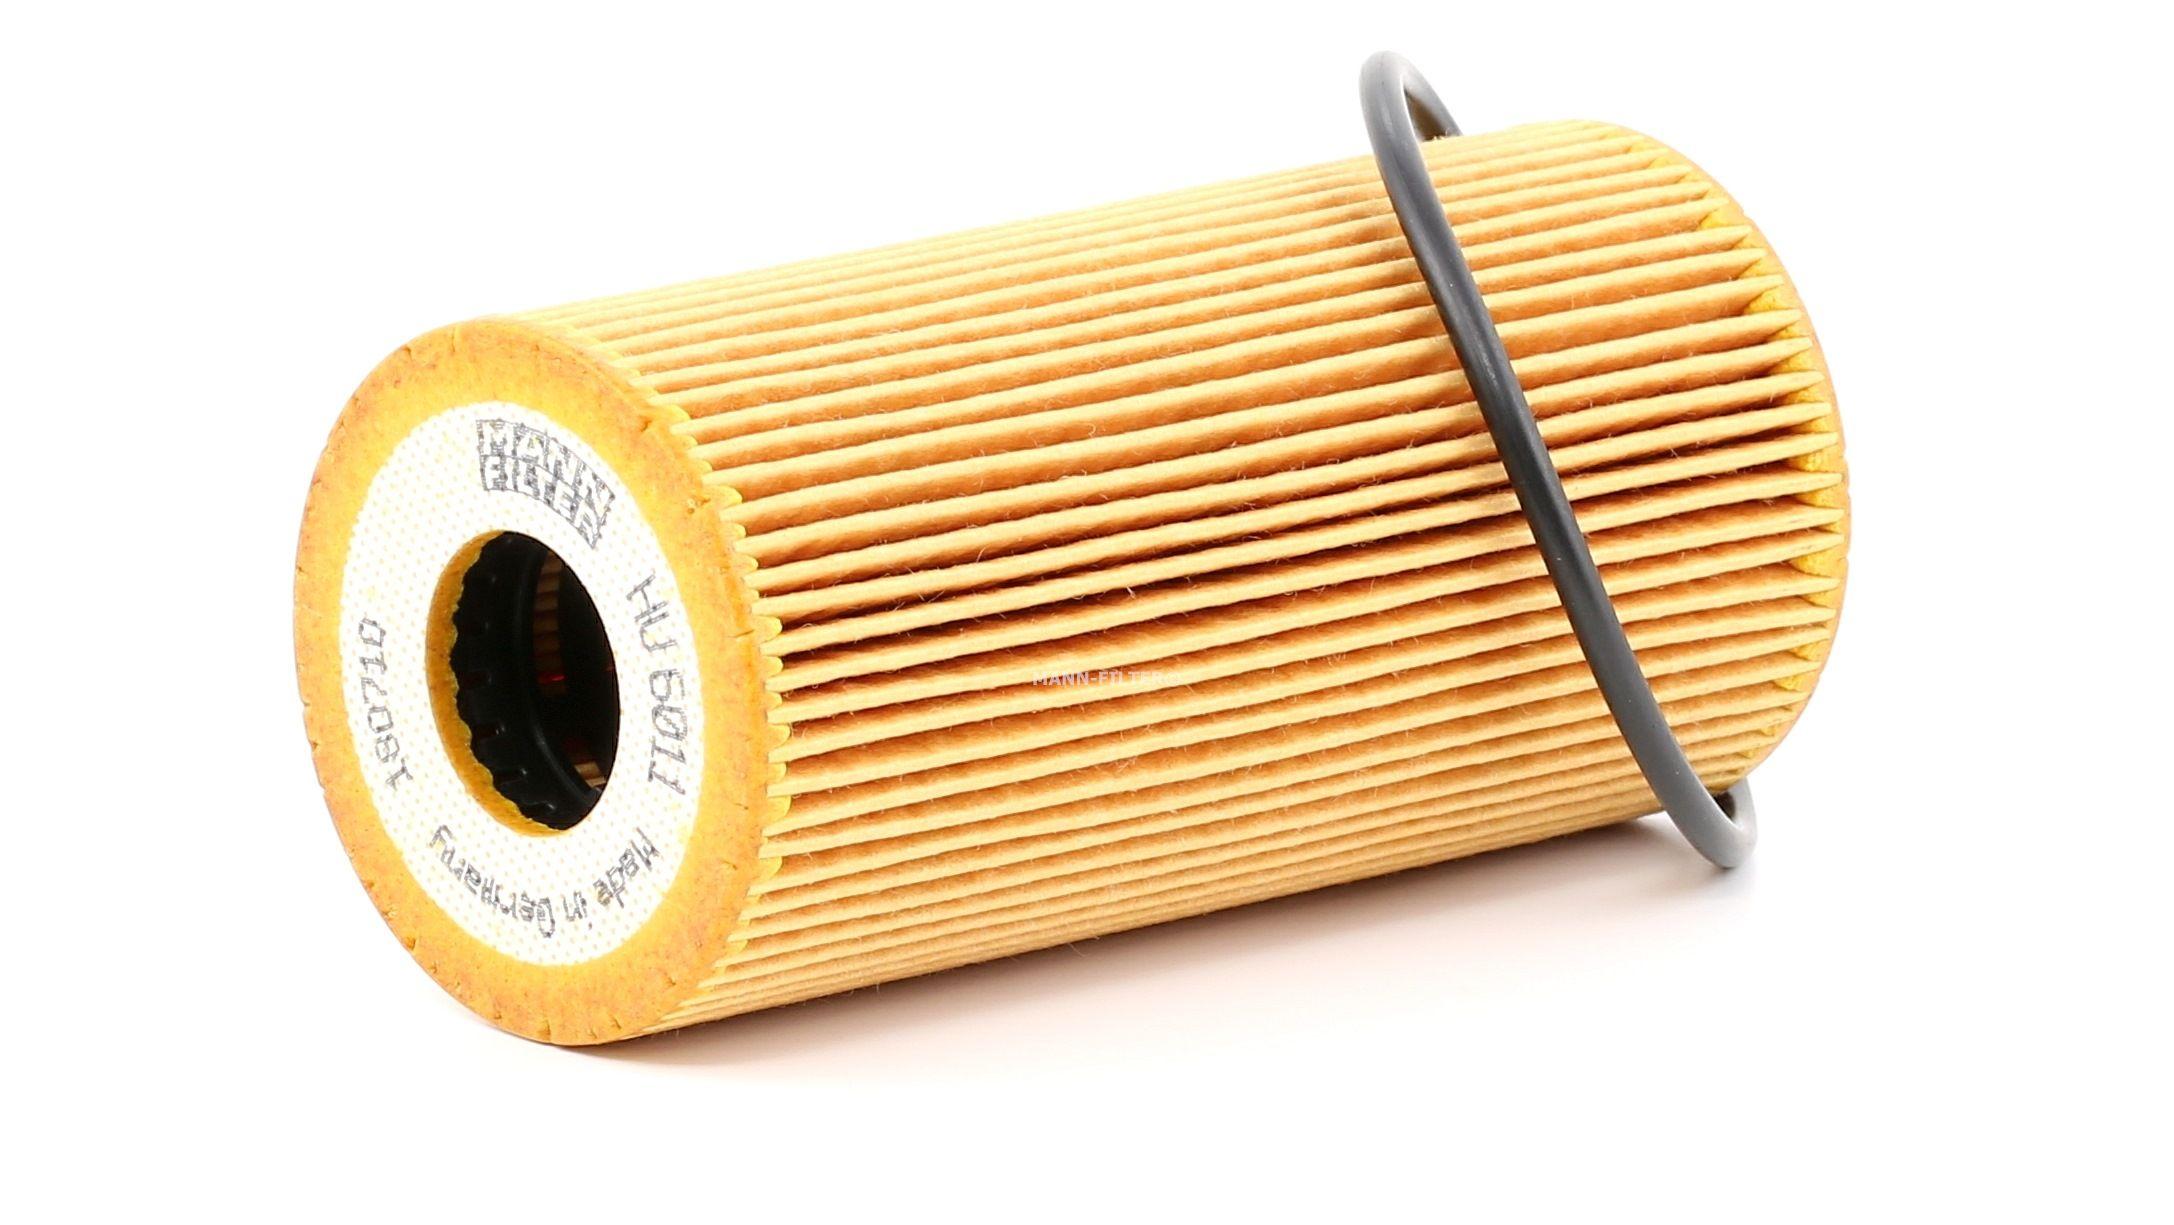 MERCEDES-BENZ MARCO POLO Ersatzteile: Ölfilter HU 6011 z > Niedrige Preise - Jetzt kaufen!